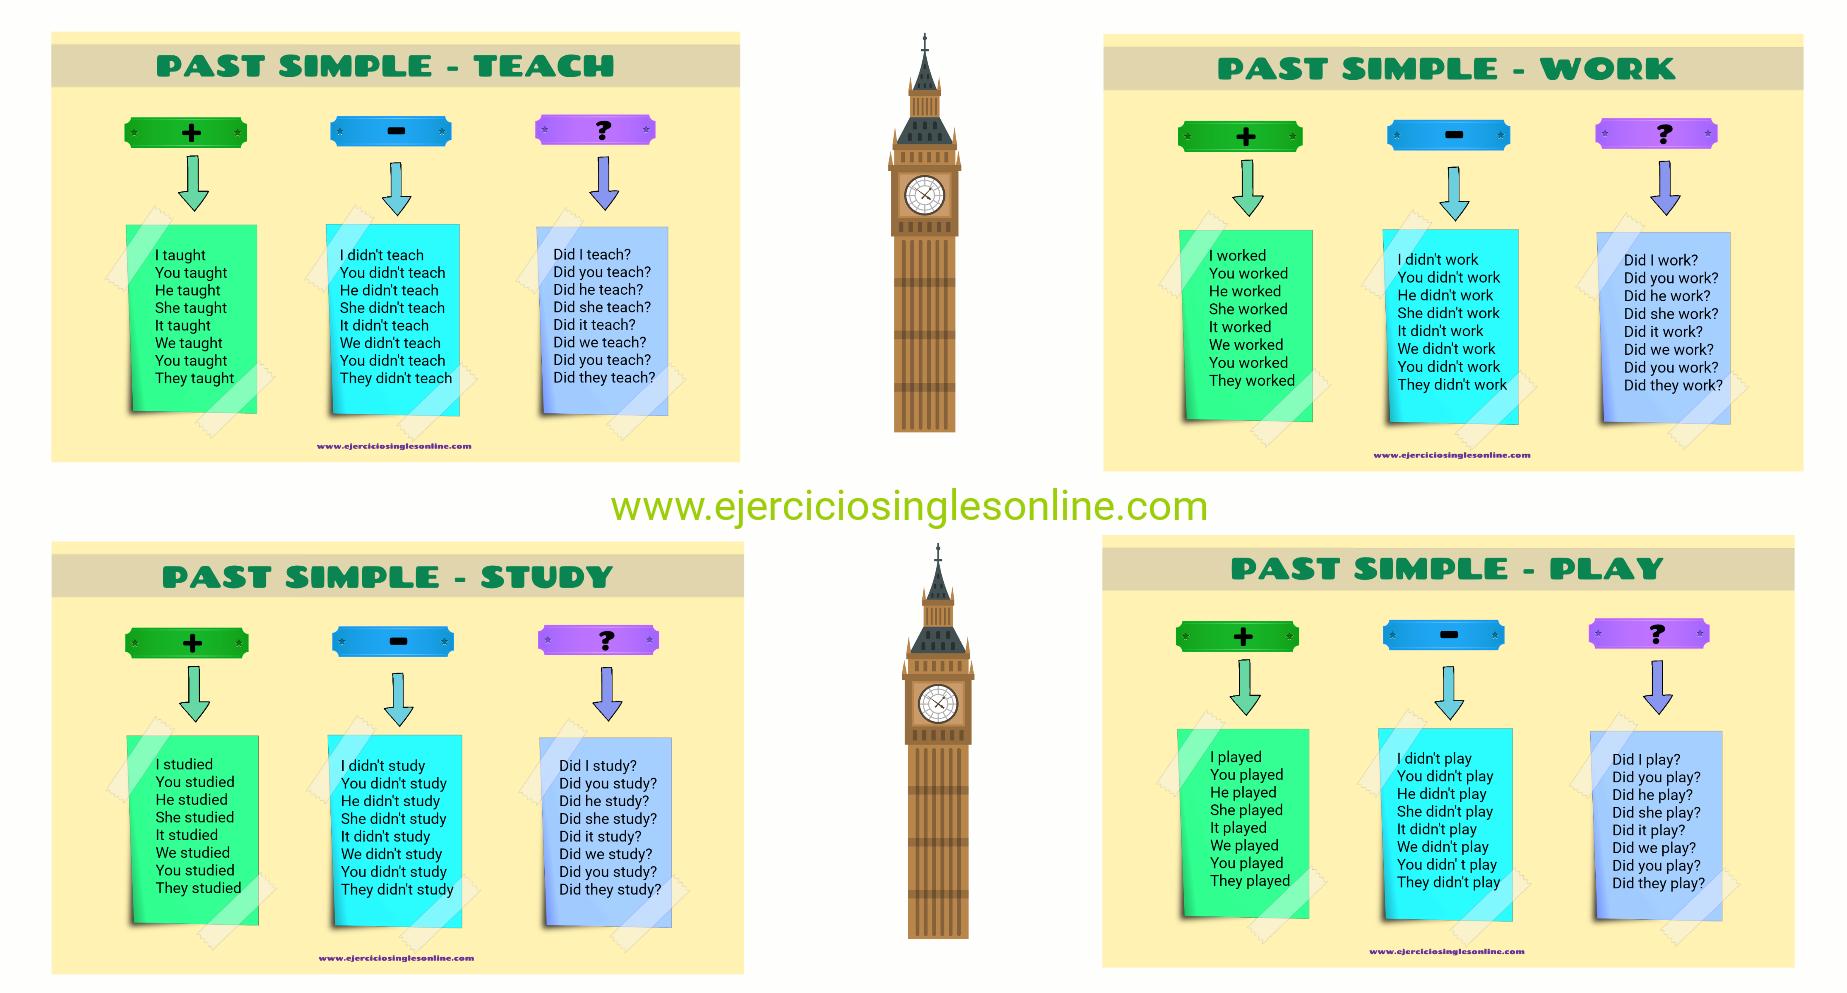 Pasado simple en inglés - Ejercicios inglés online